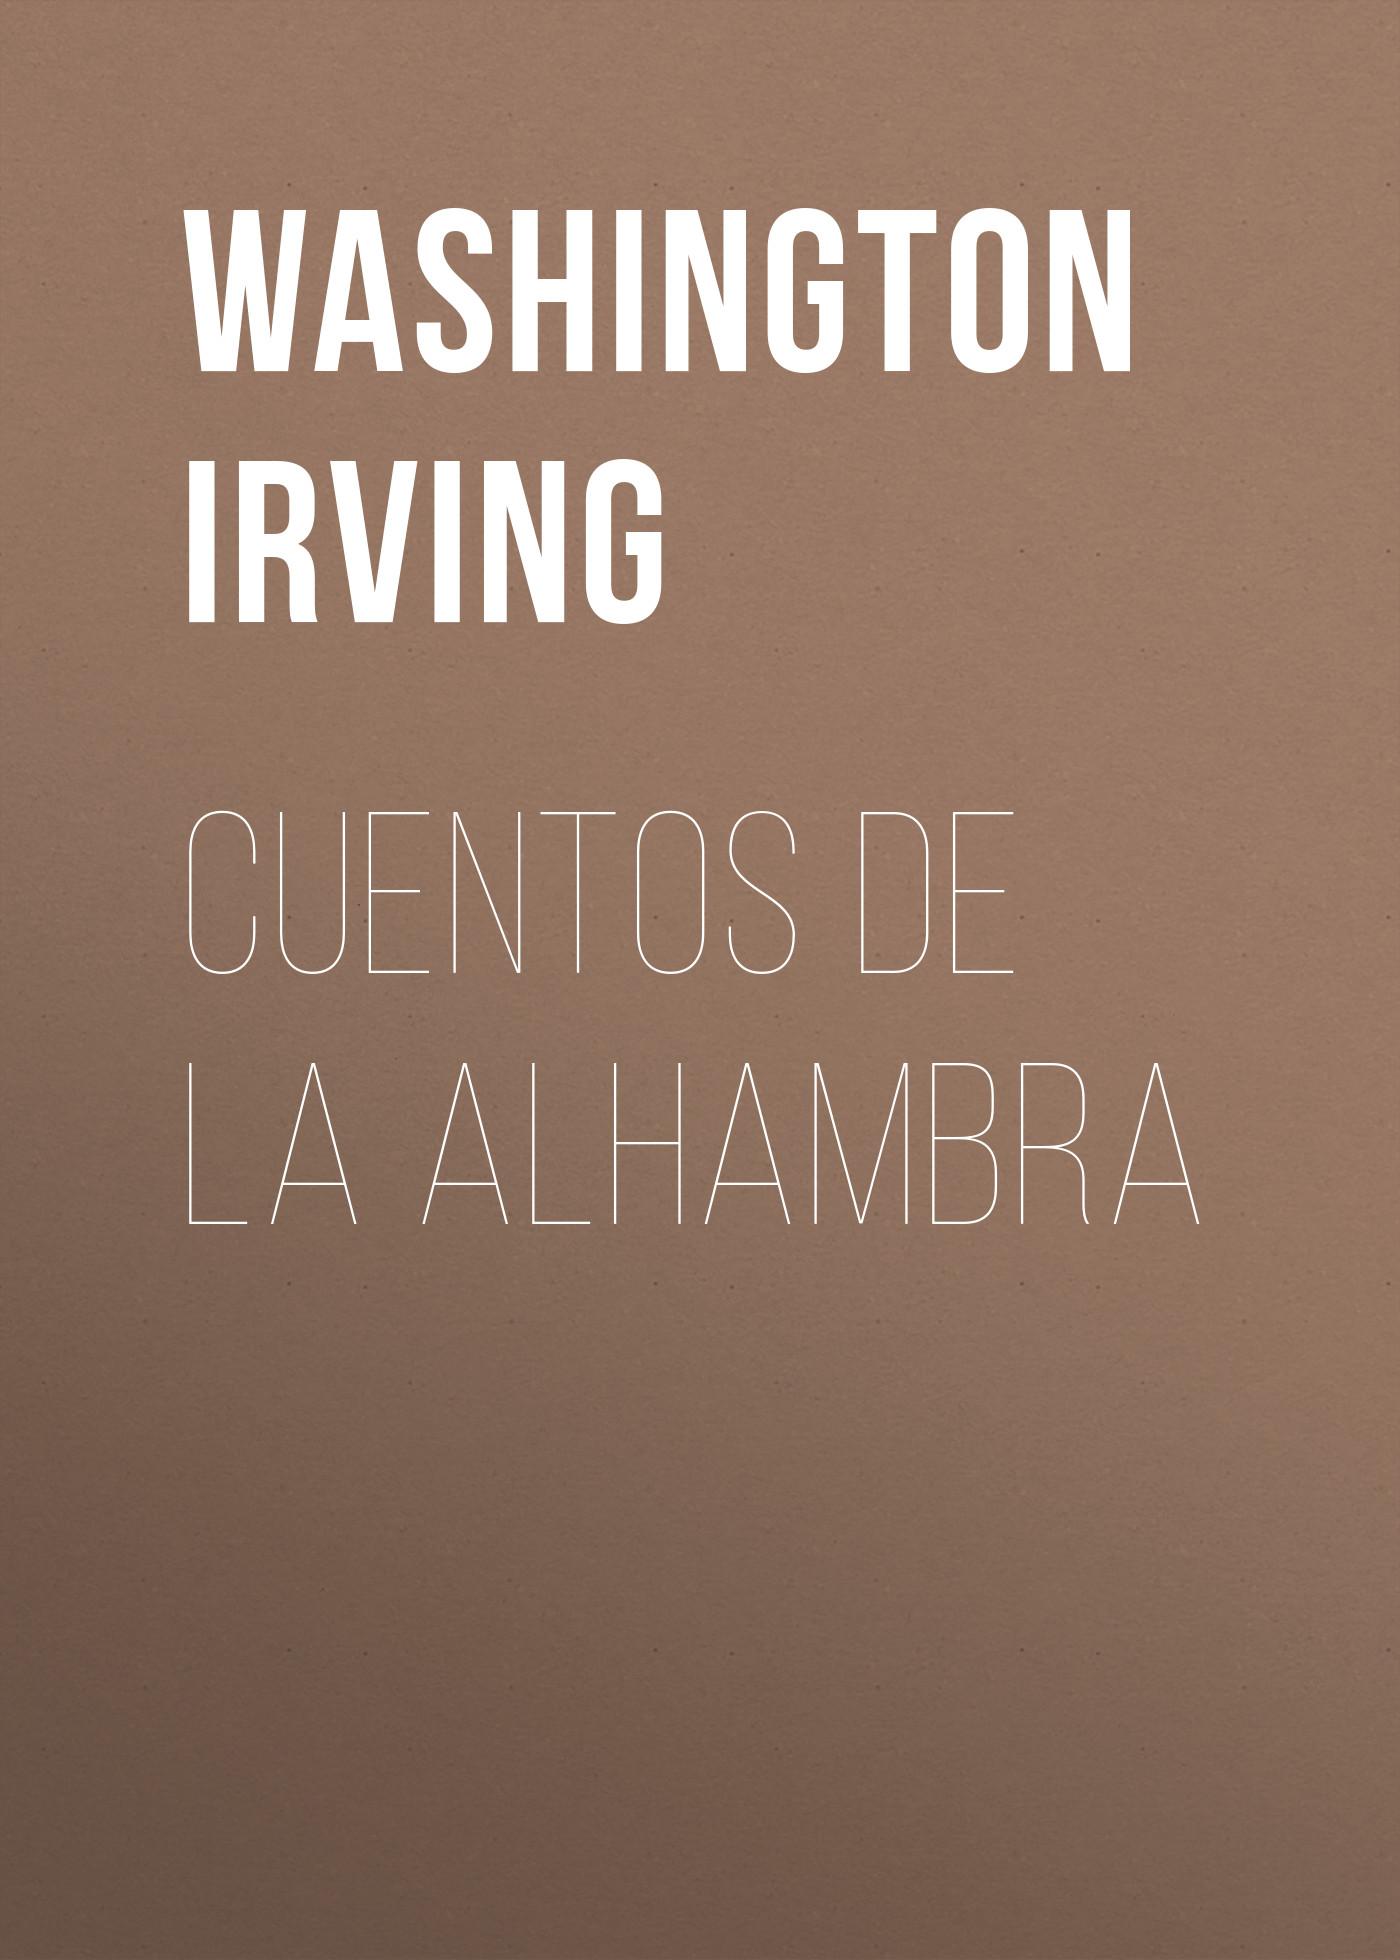 Вашингтон Ирвинг Cuentos de la Alhambra вашингтон ирвинг histoire de la conquete de grenade t 2